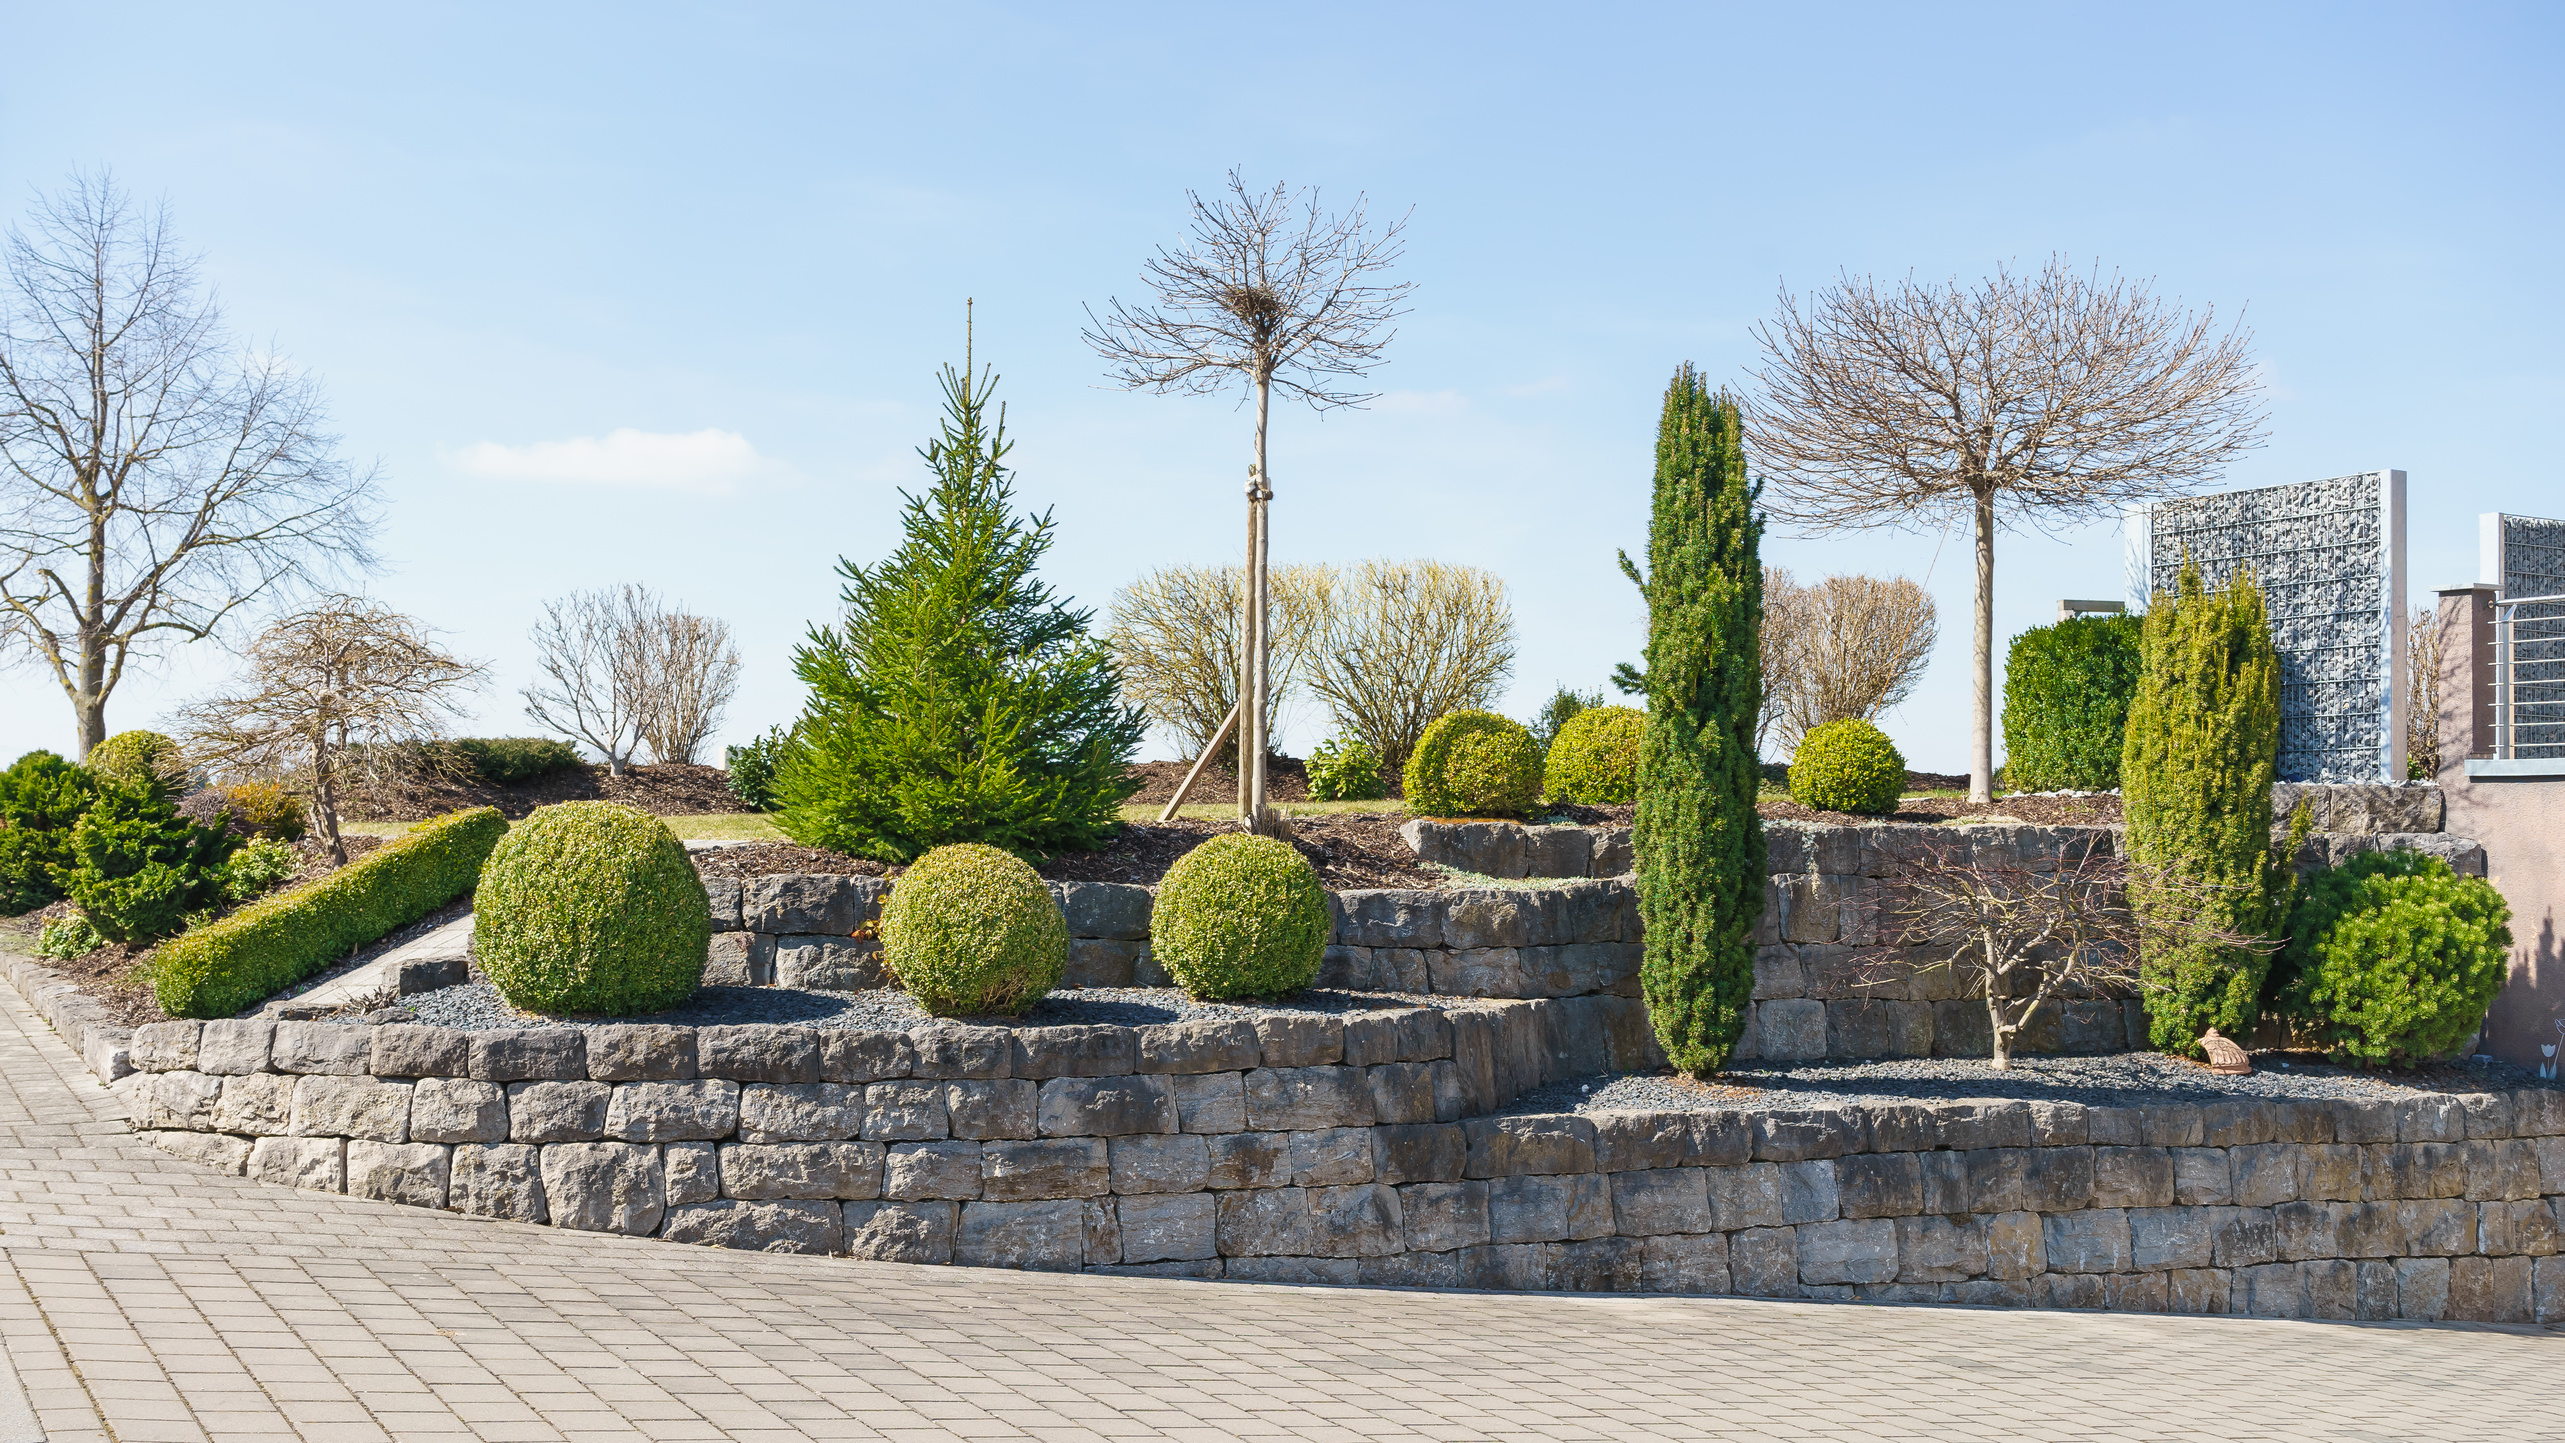 Garten Und Landschaftsbau Frankfurt juga garten und landschaftsbau